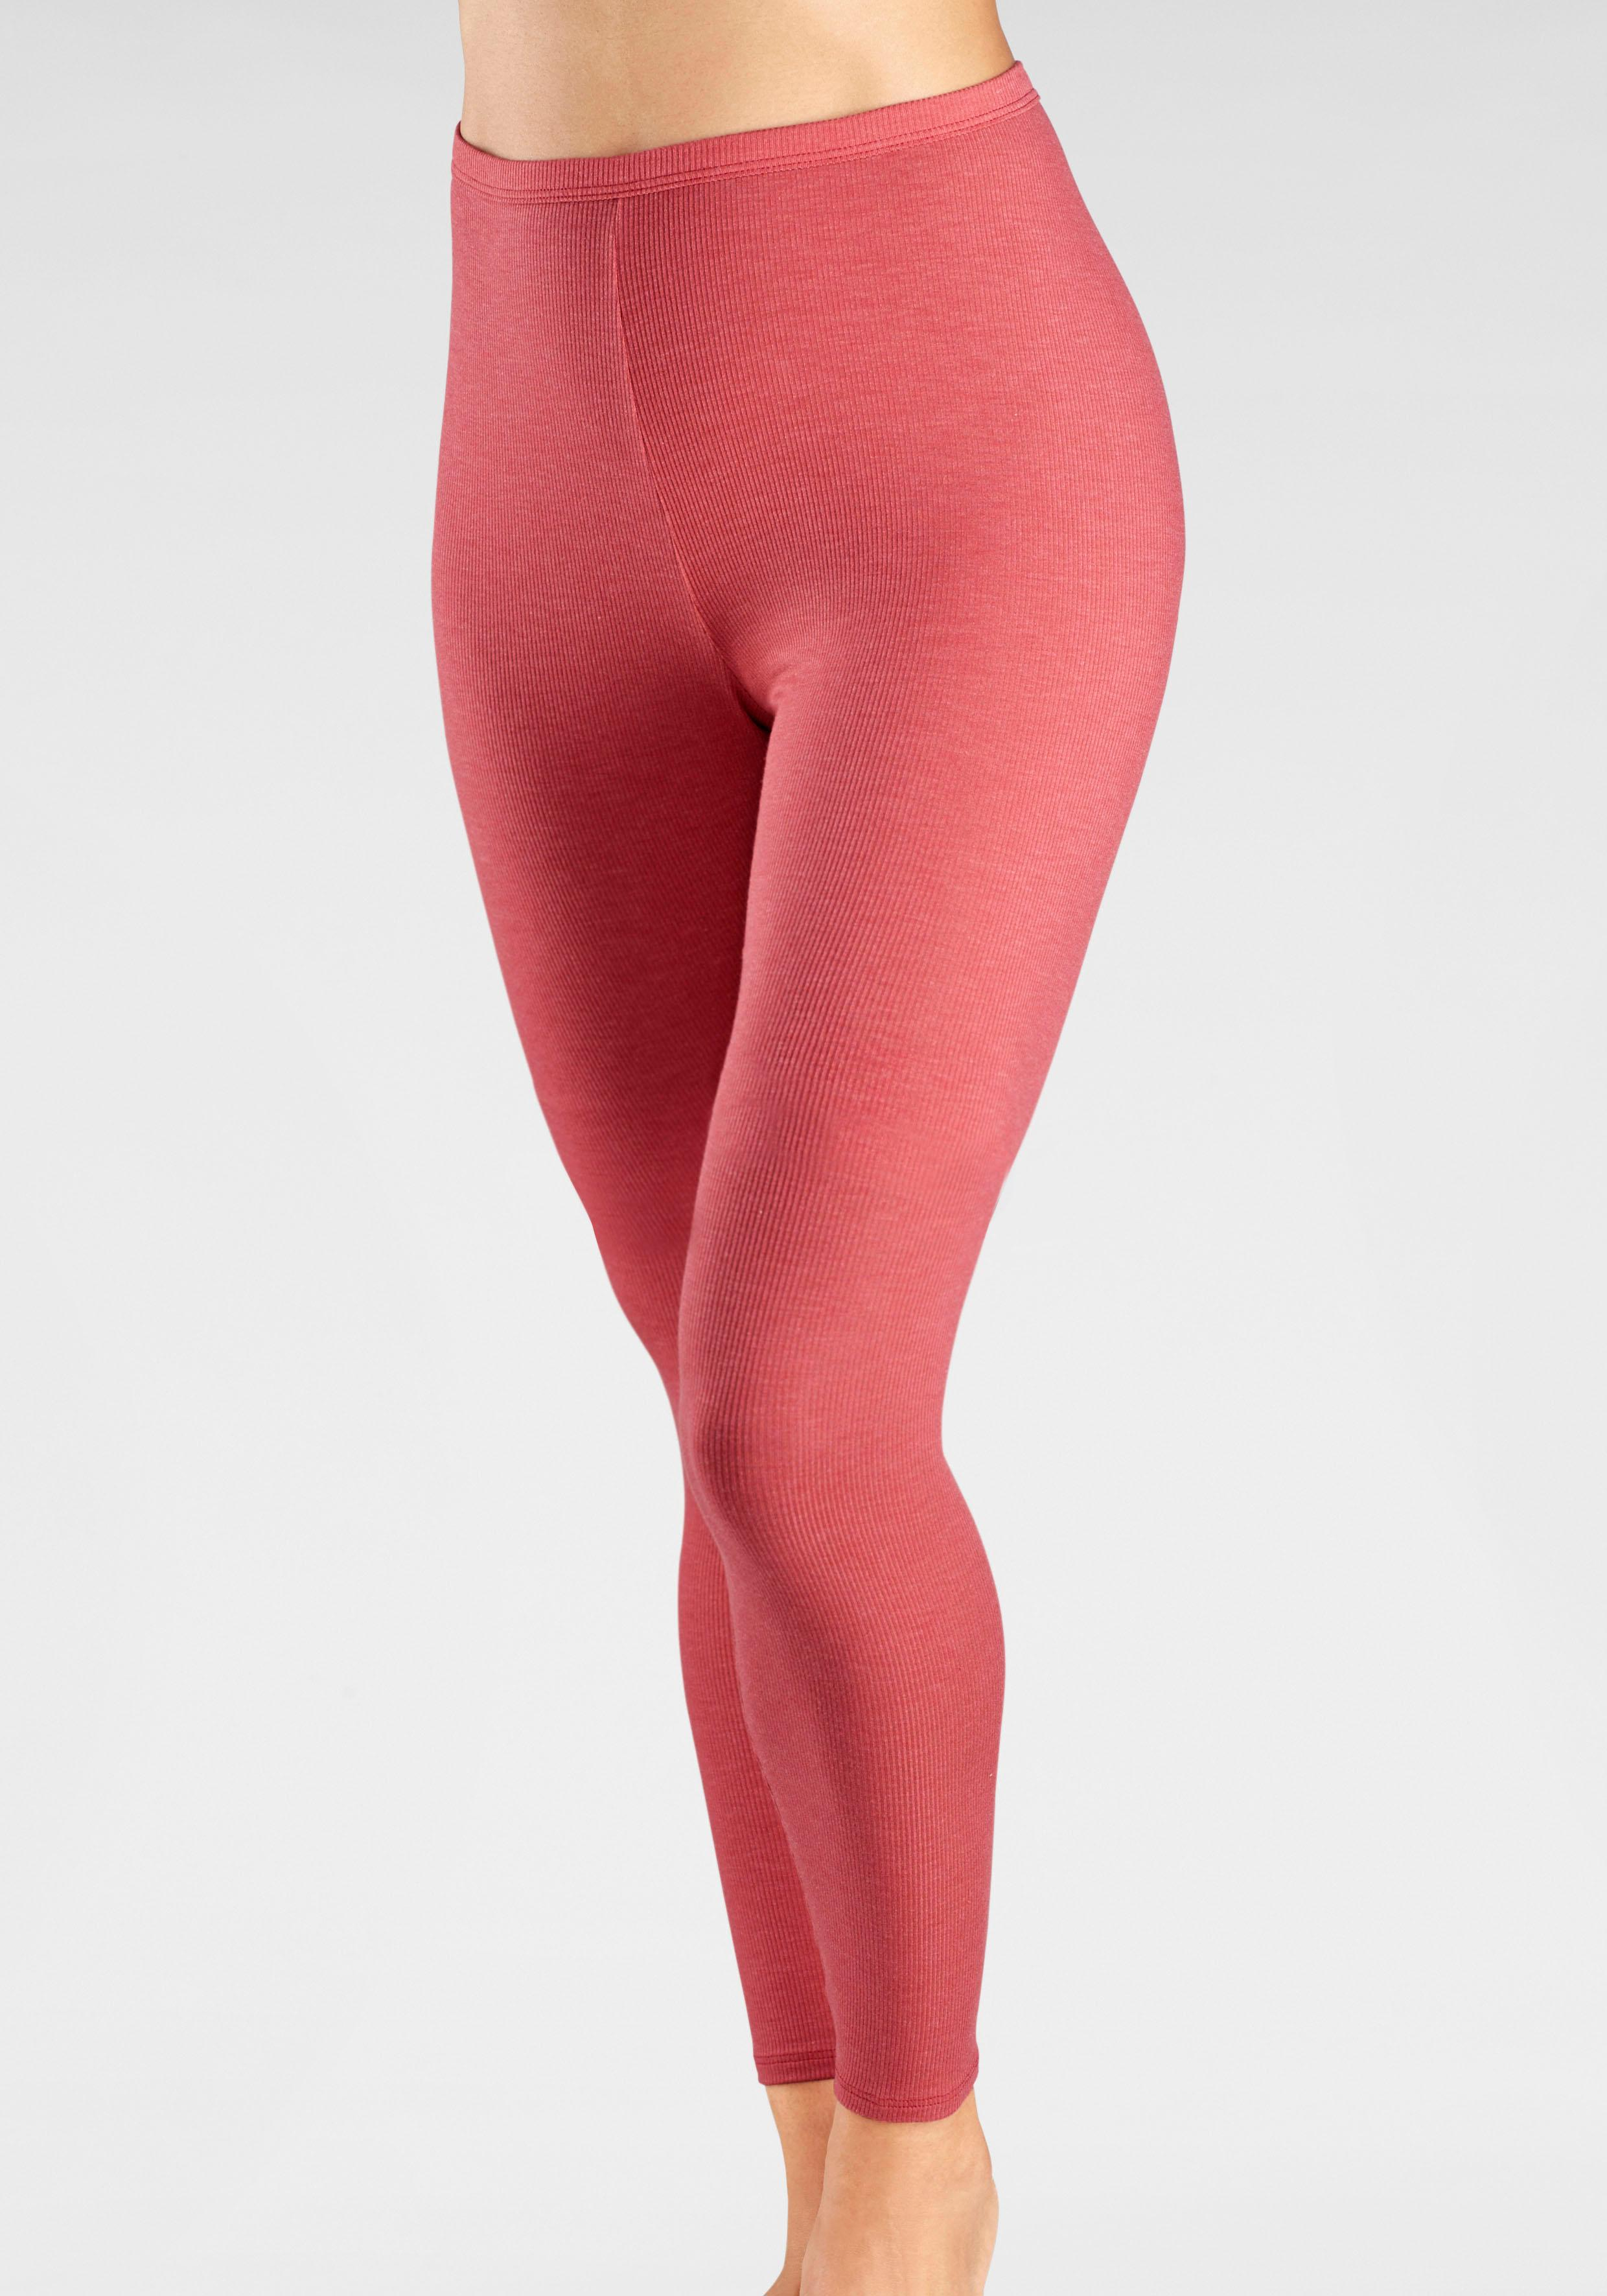 Schiesser Lange Unterhose (1 Stück)